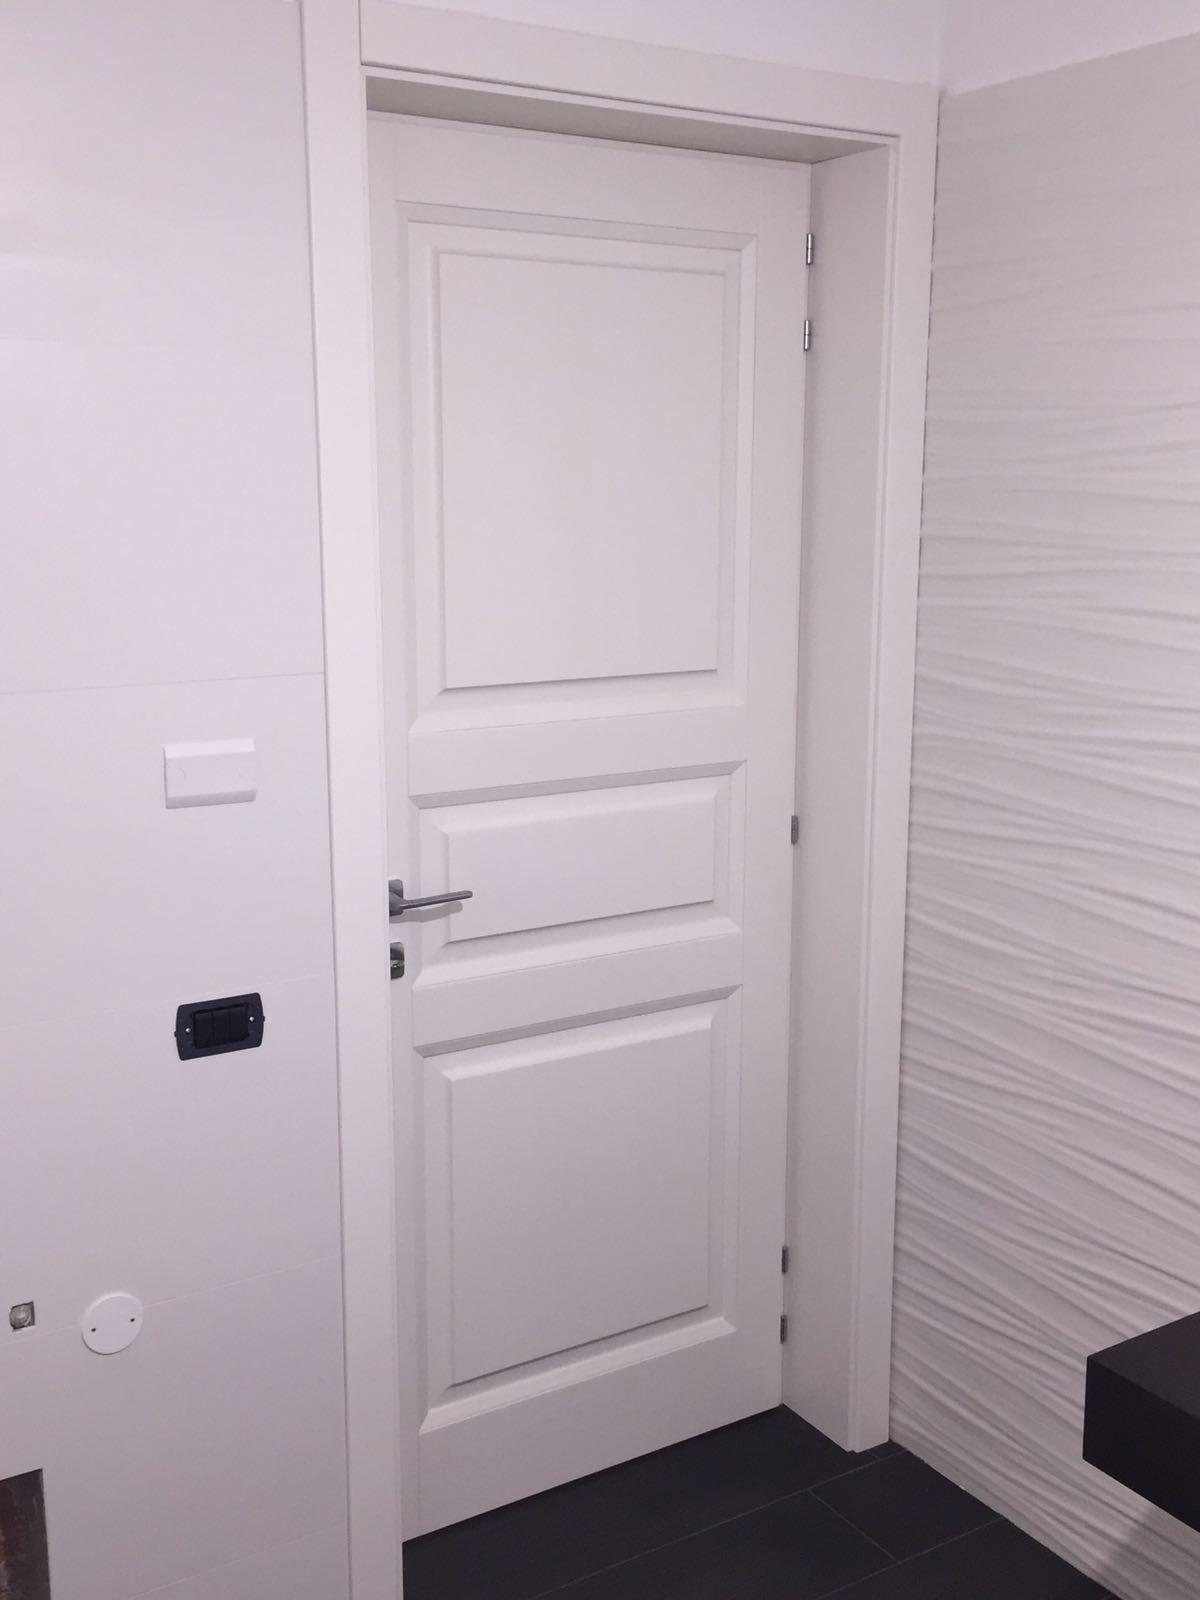 Porte interne in Frassino laccate bianche a poro aperto ...